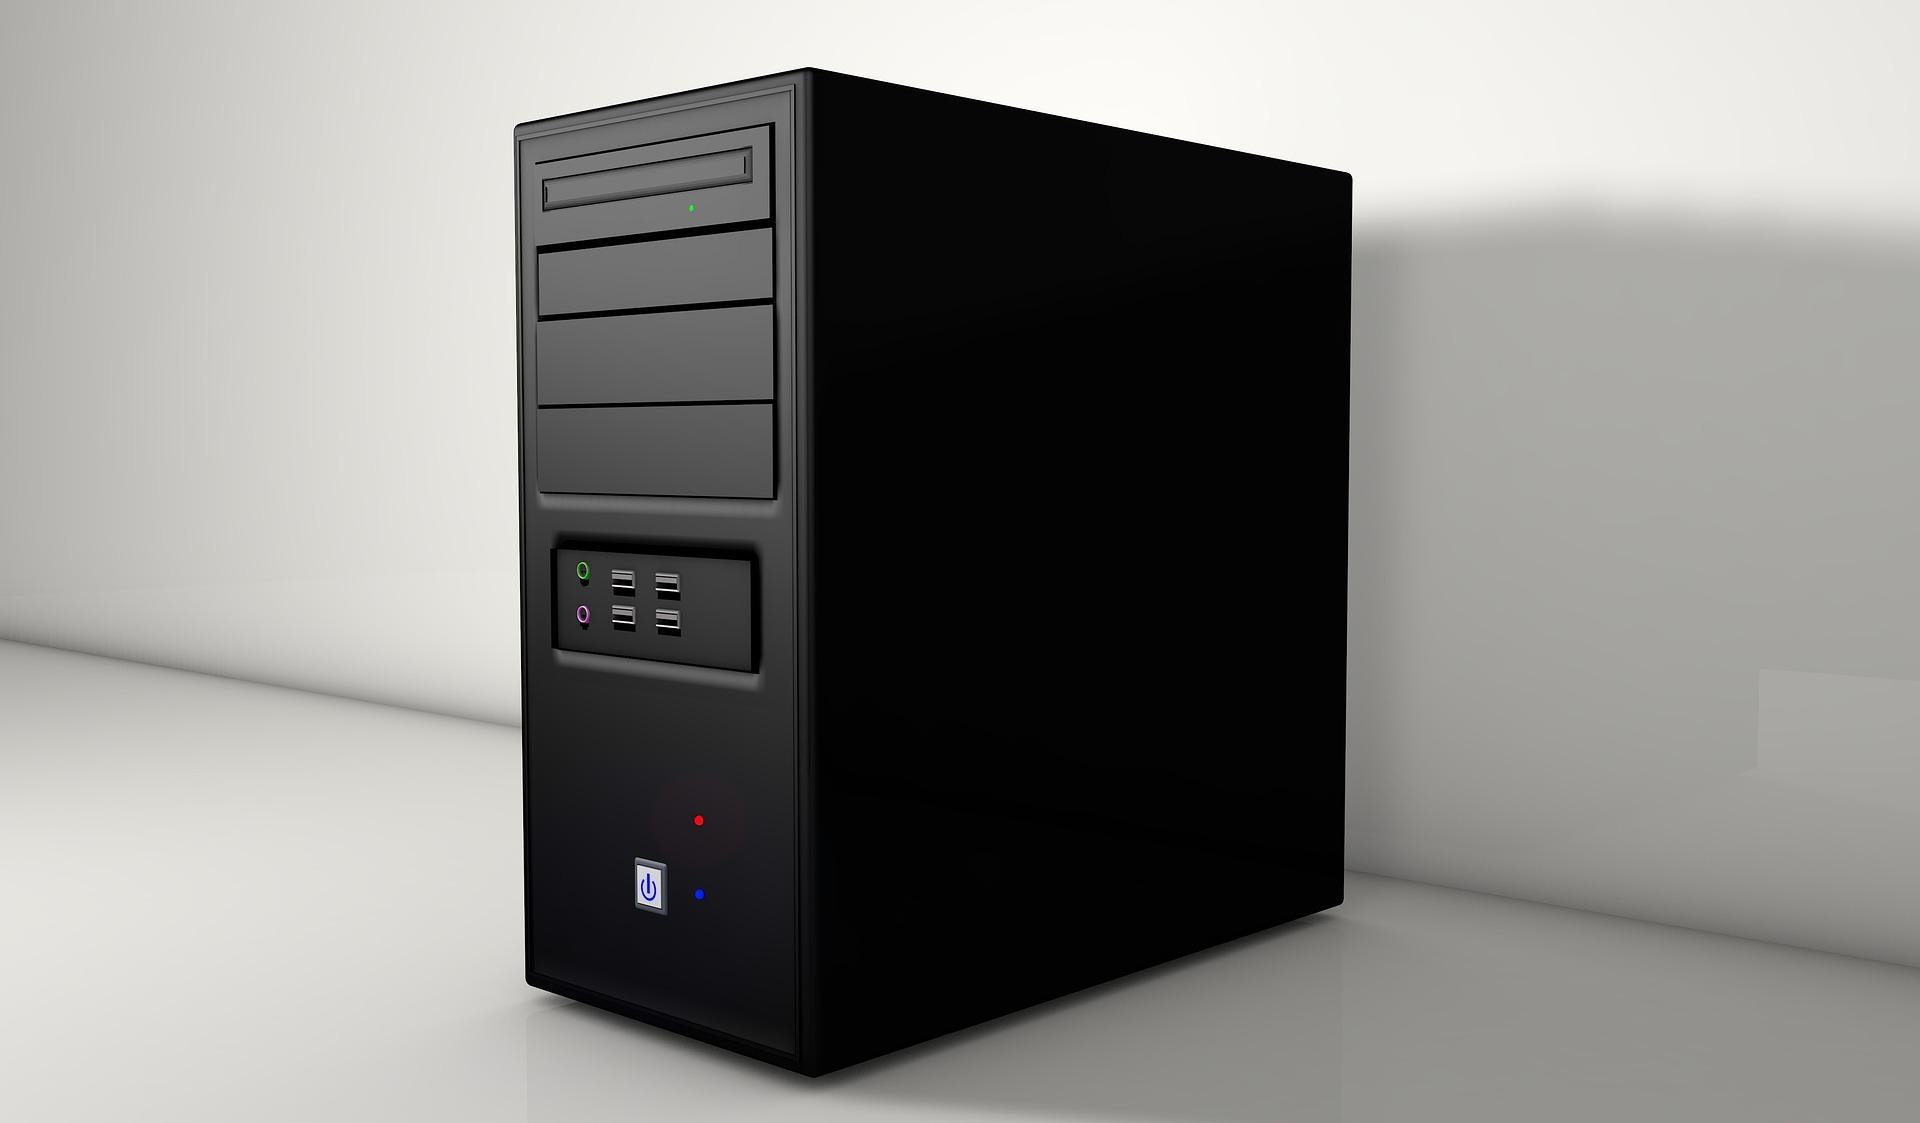 PC Zusammenbau nach Wunsch